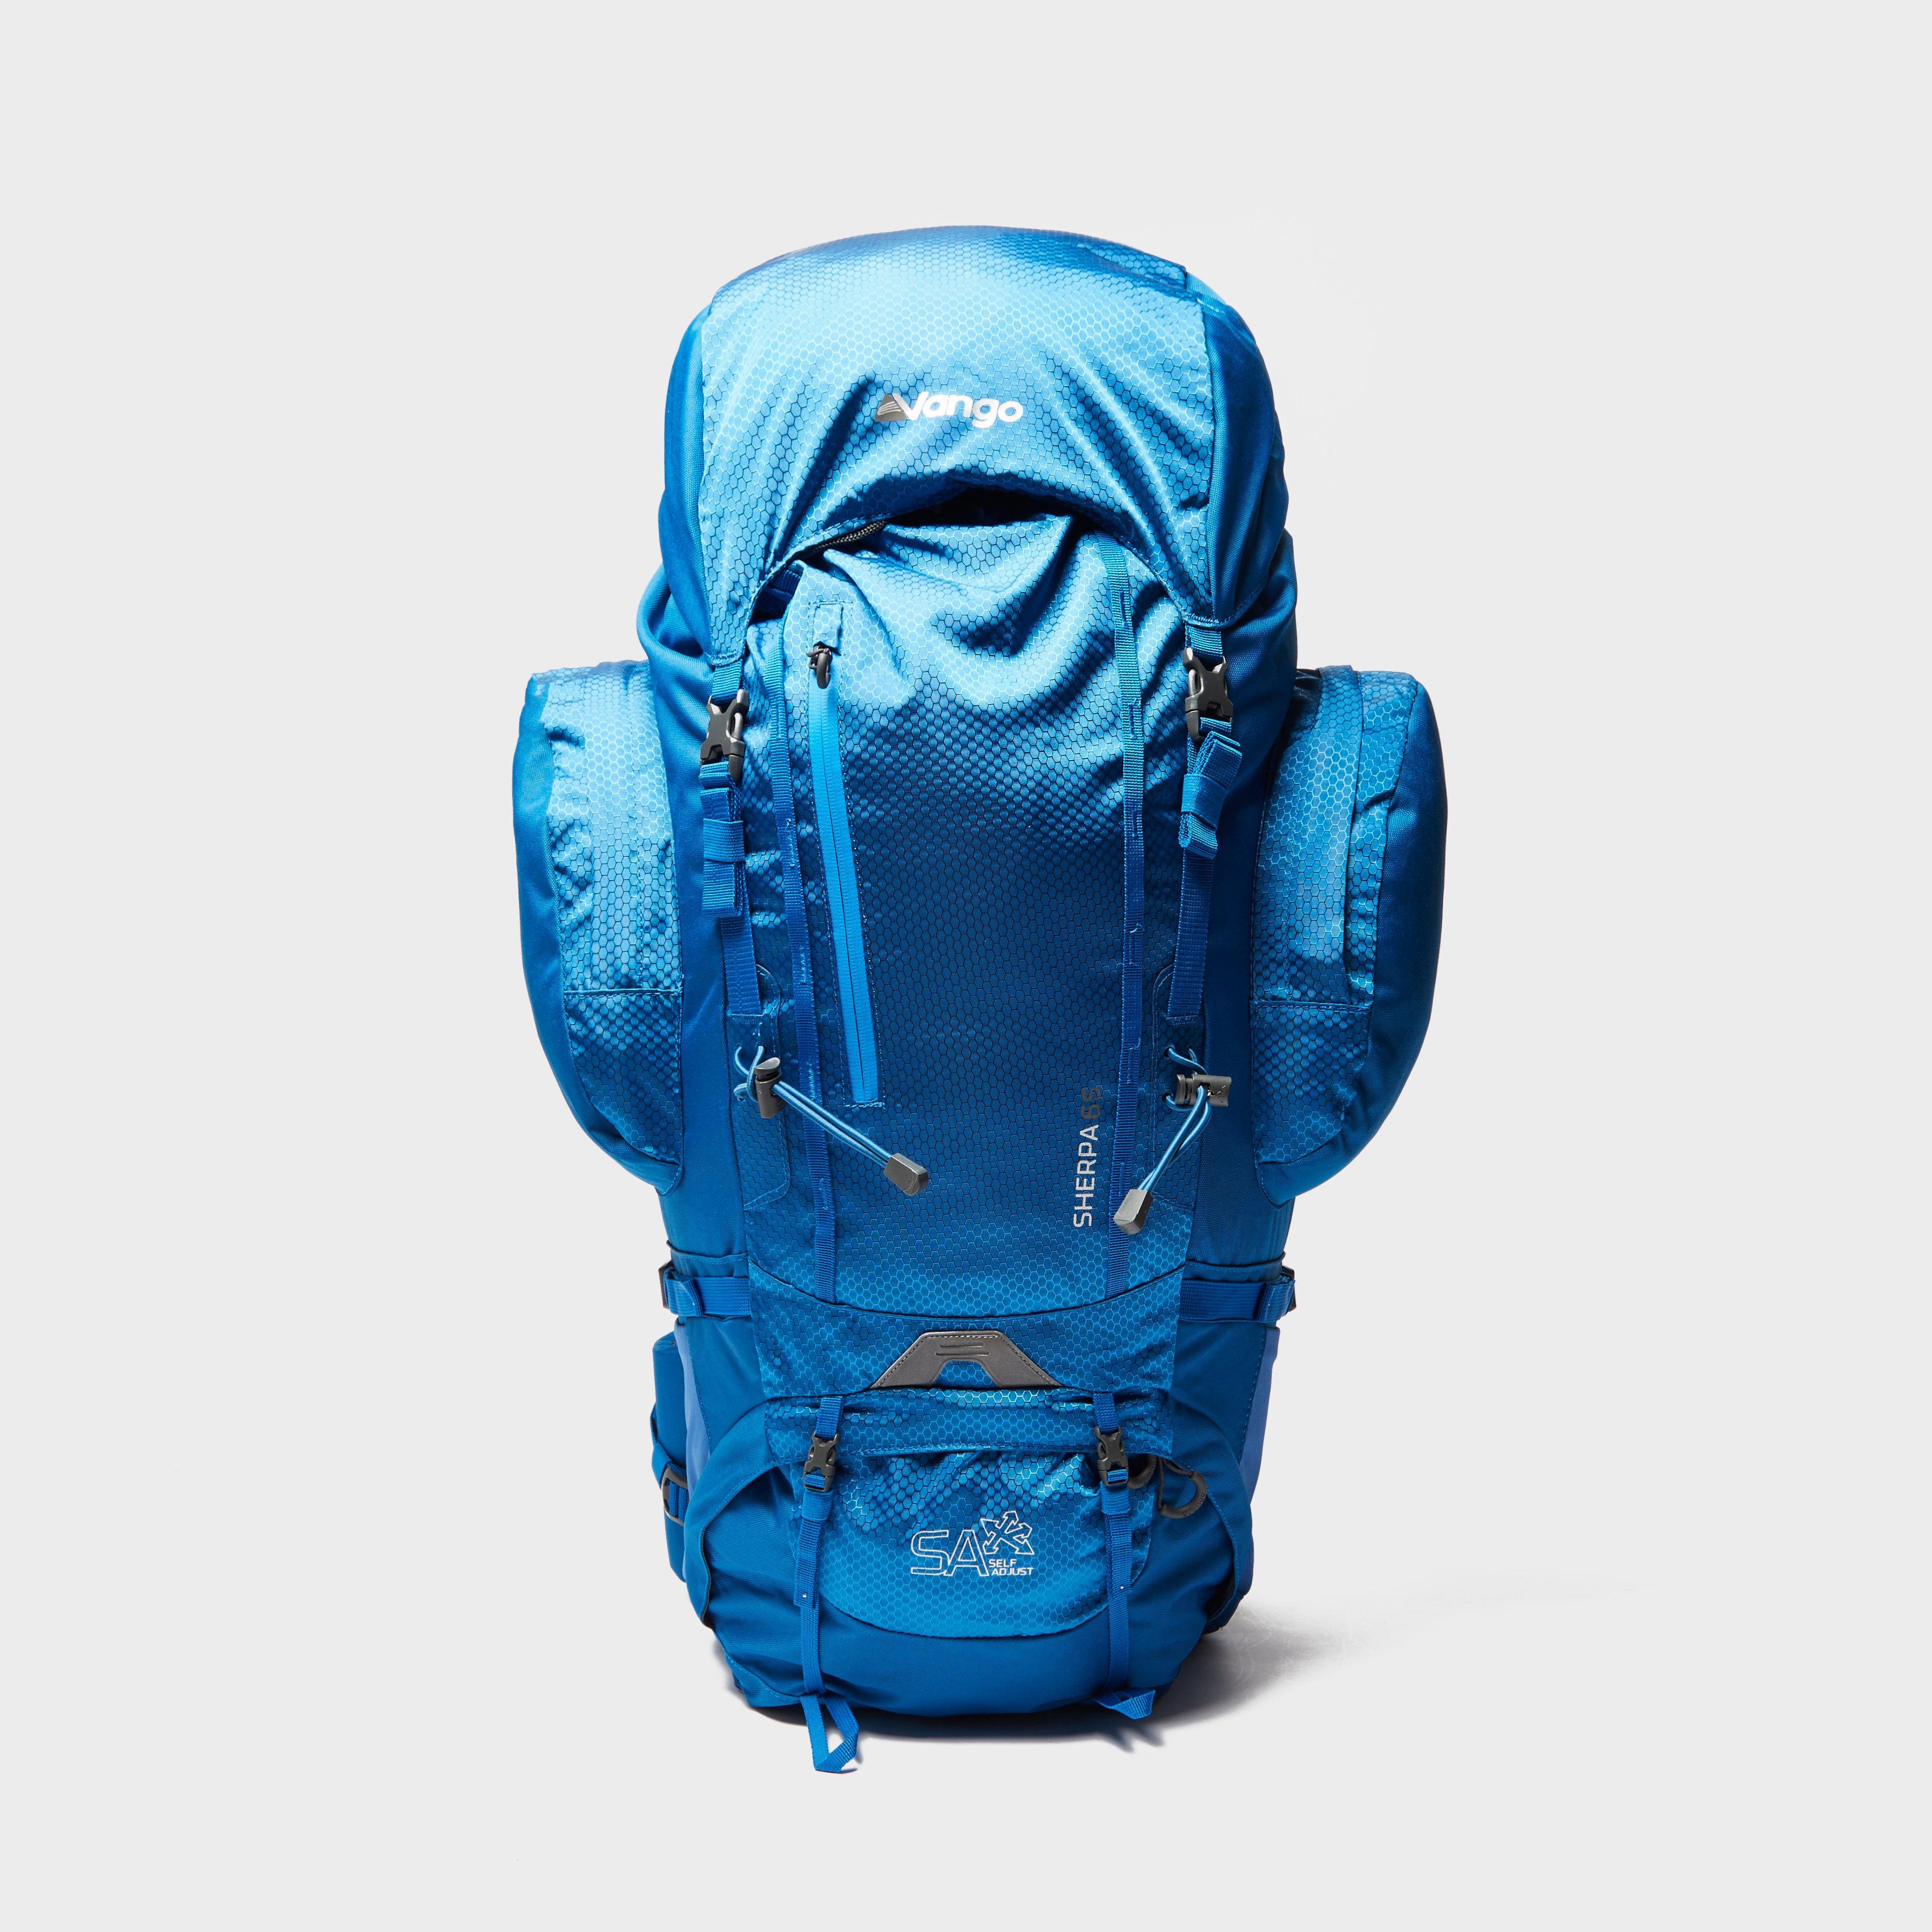 Vango Sherpa 65L Backpack, Blue